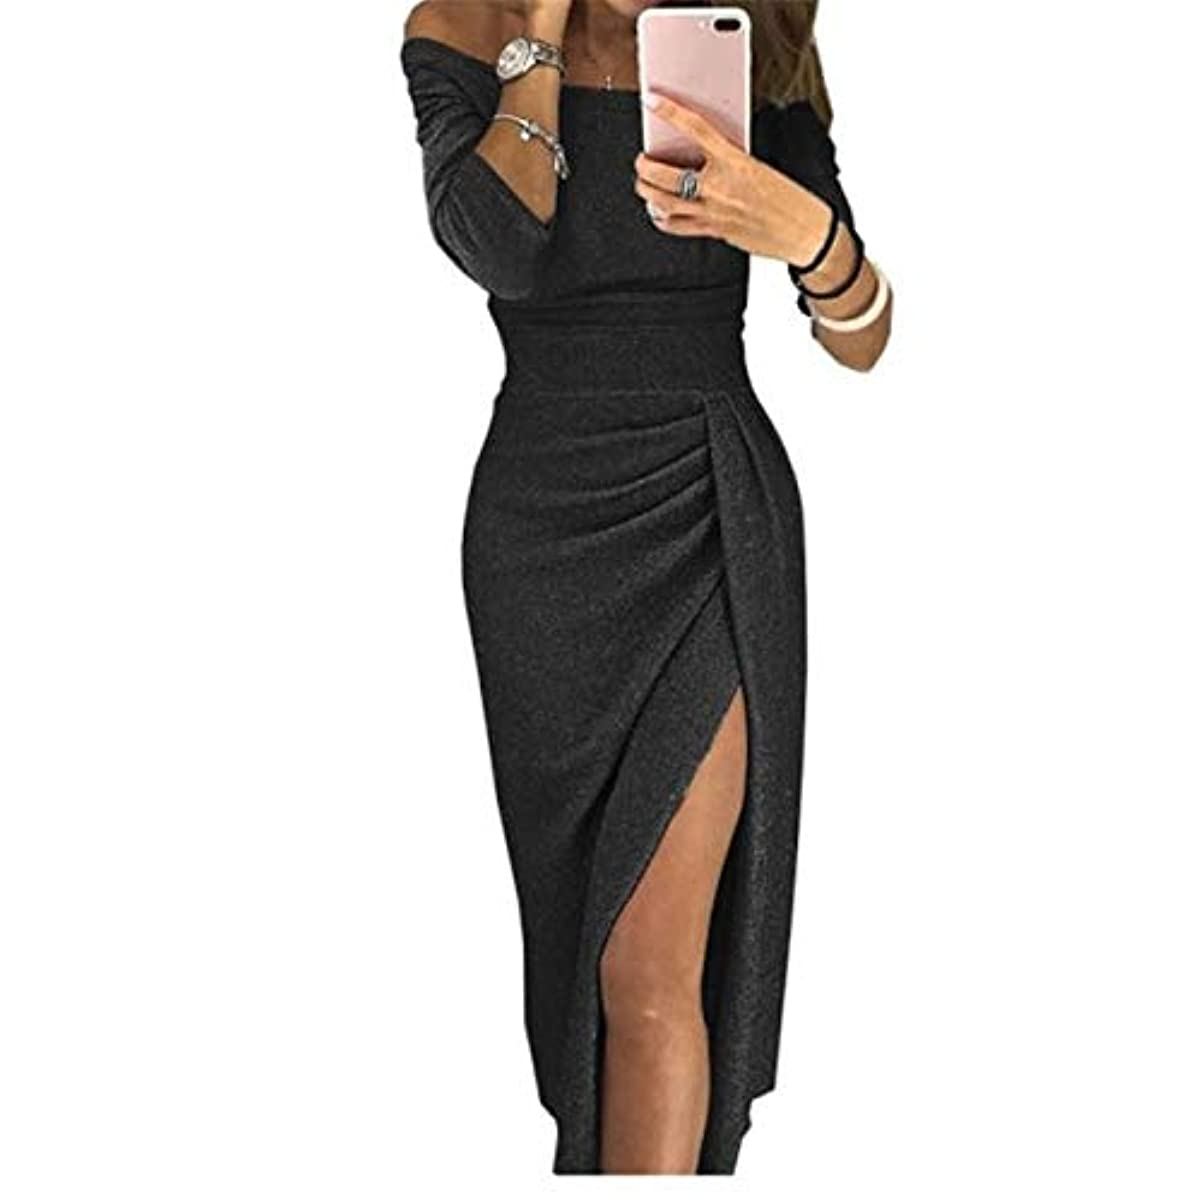 スモッグ約似ているOnderroa - 夏の女性のドレスはネックパッケージヒップスプリットセクシーなスパンコールのドレスレディース包帯パーティーナイトクラブミッドカーフ服装スラッシュ